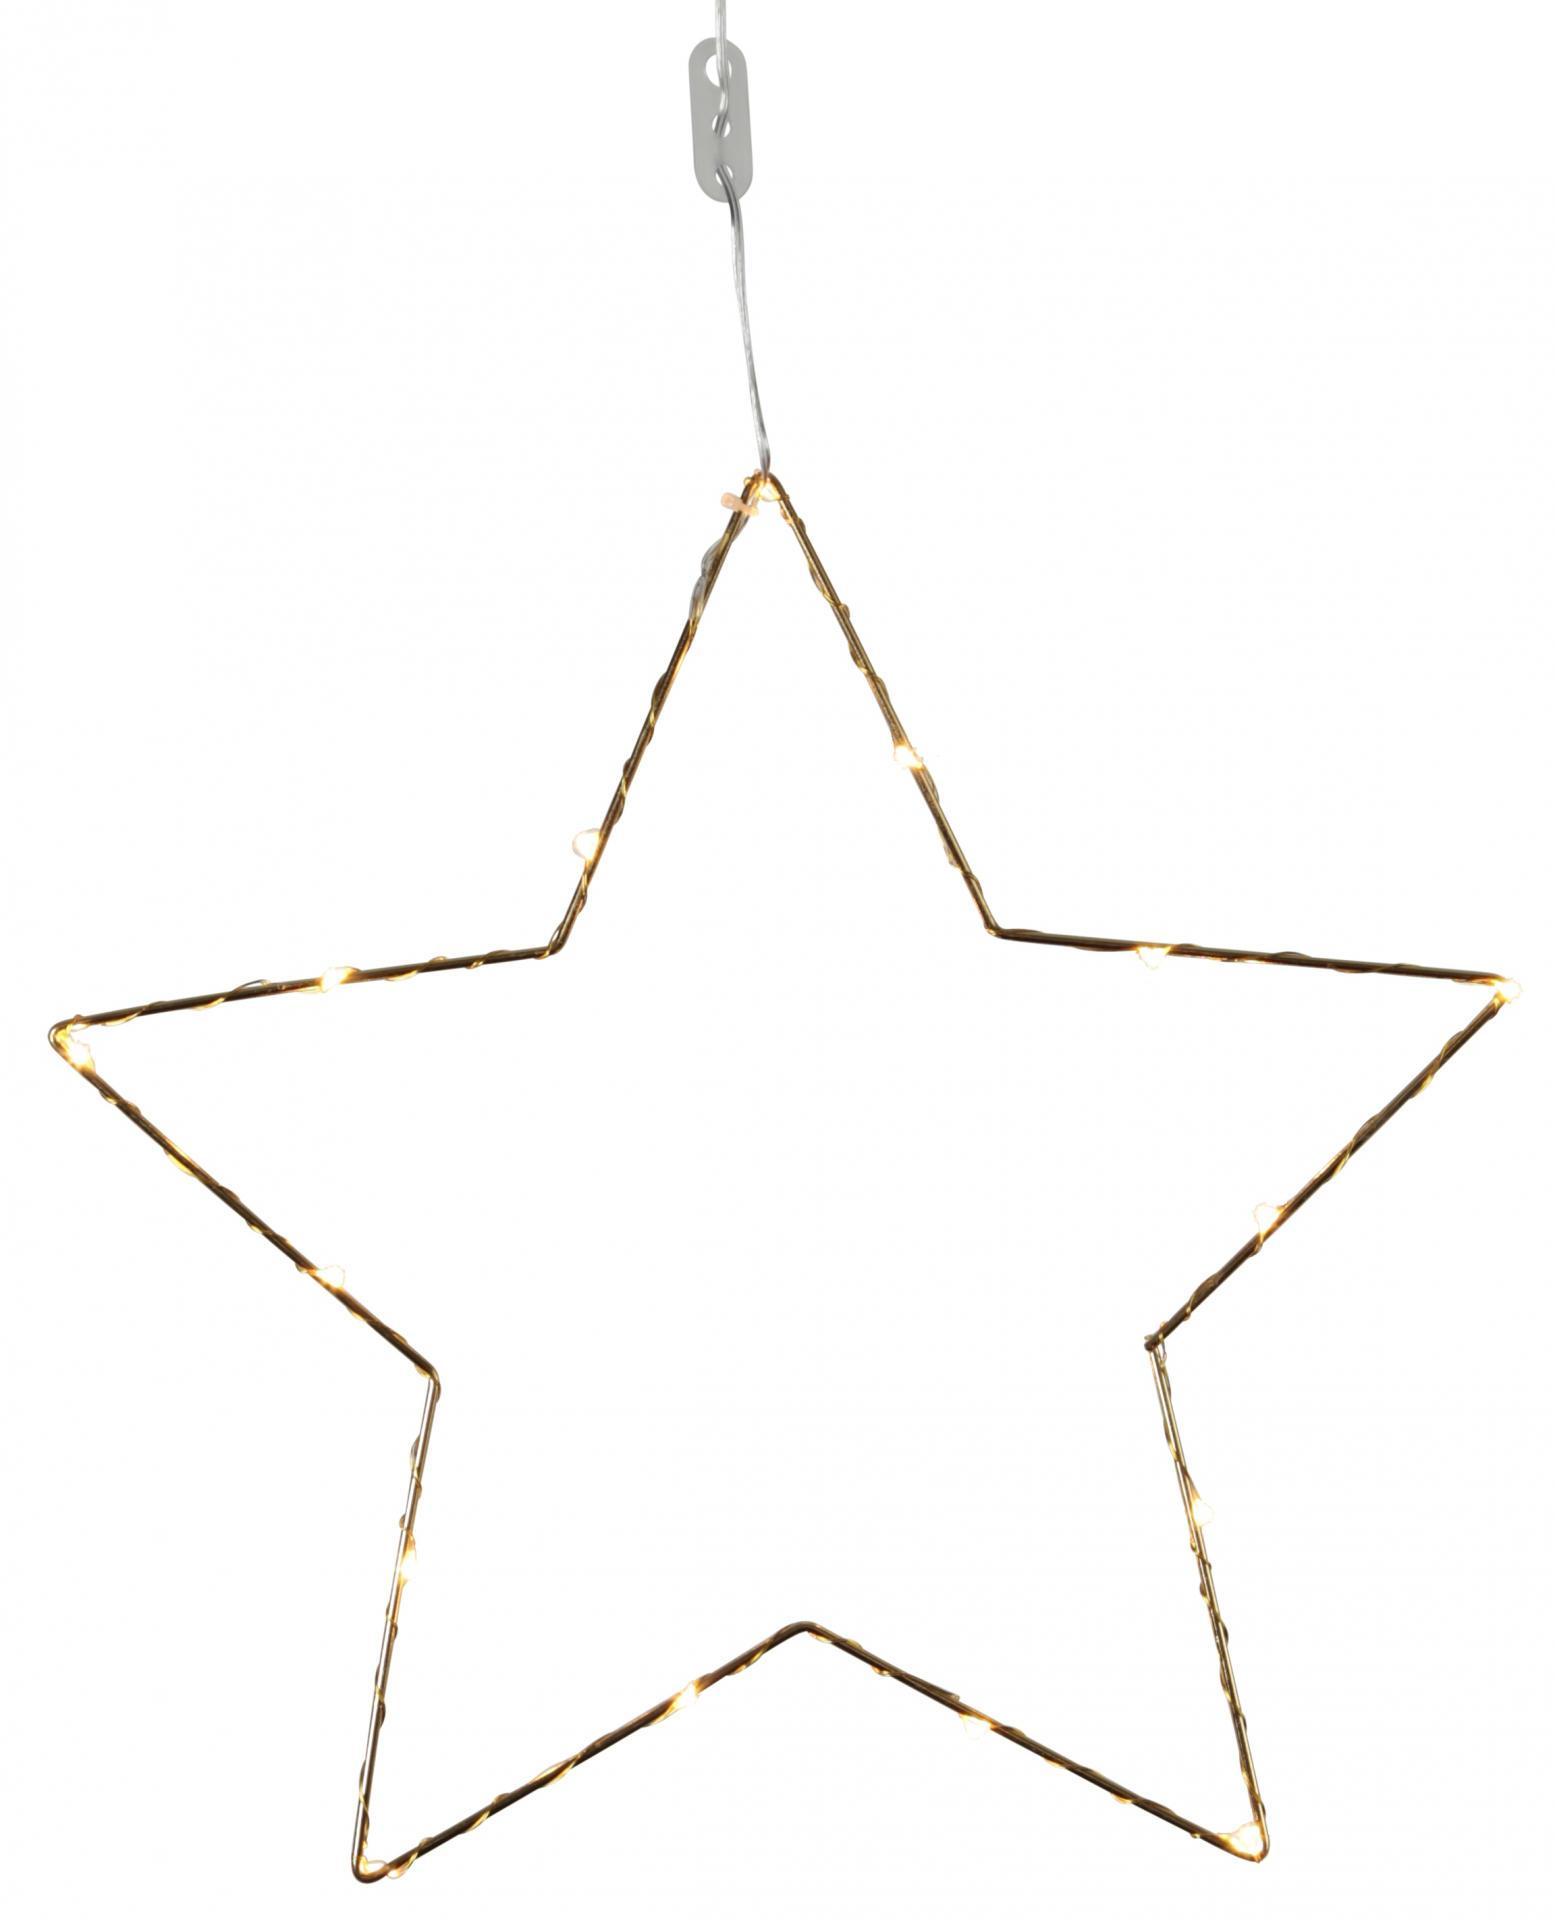 STAR TRADING Kovová svítící hvězda Brass, zlatá barva, kov